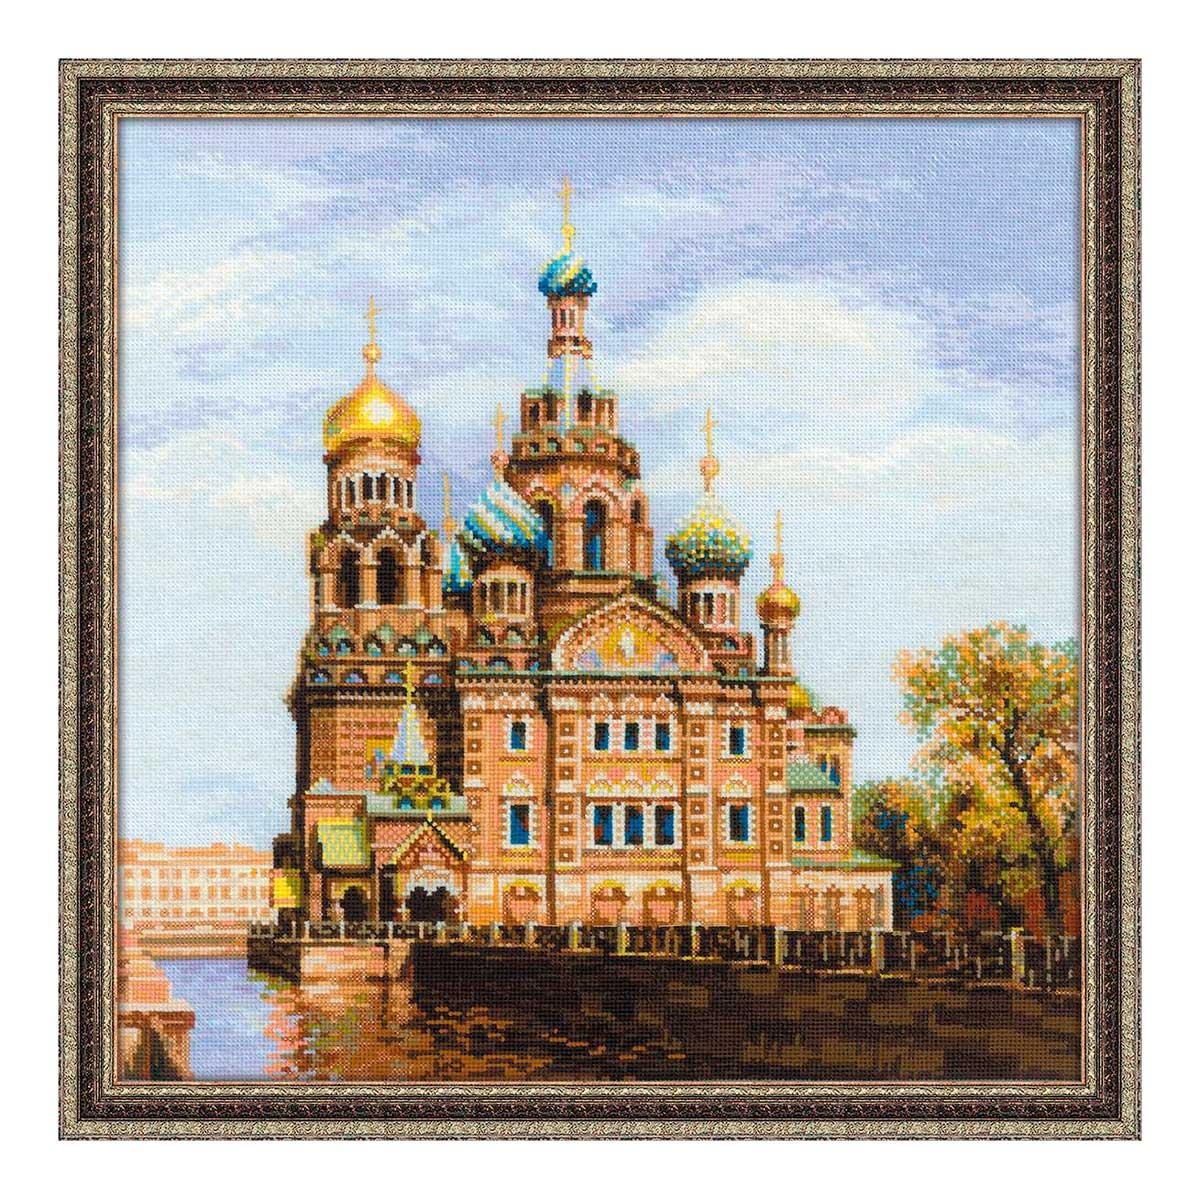 1548 Набор для вышивания Riolis 'Санкт-Петербург, Храм Спаса-на-Крови', 40*40 см